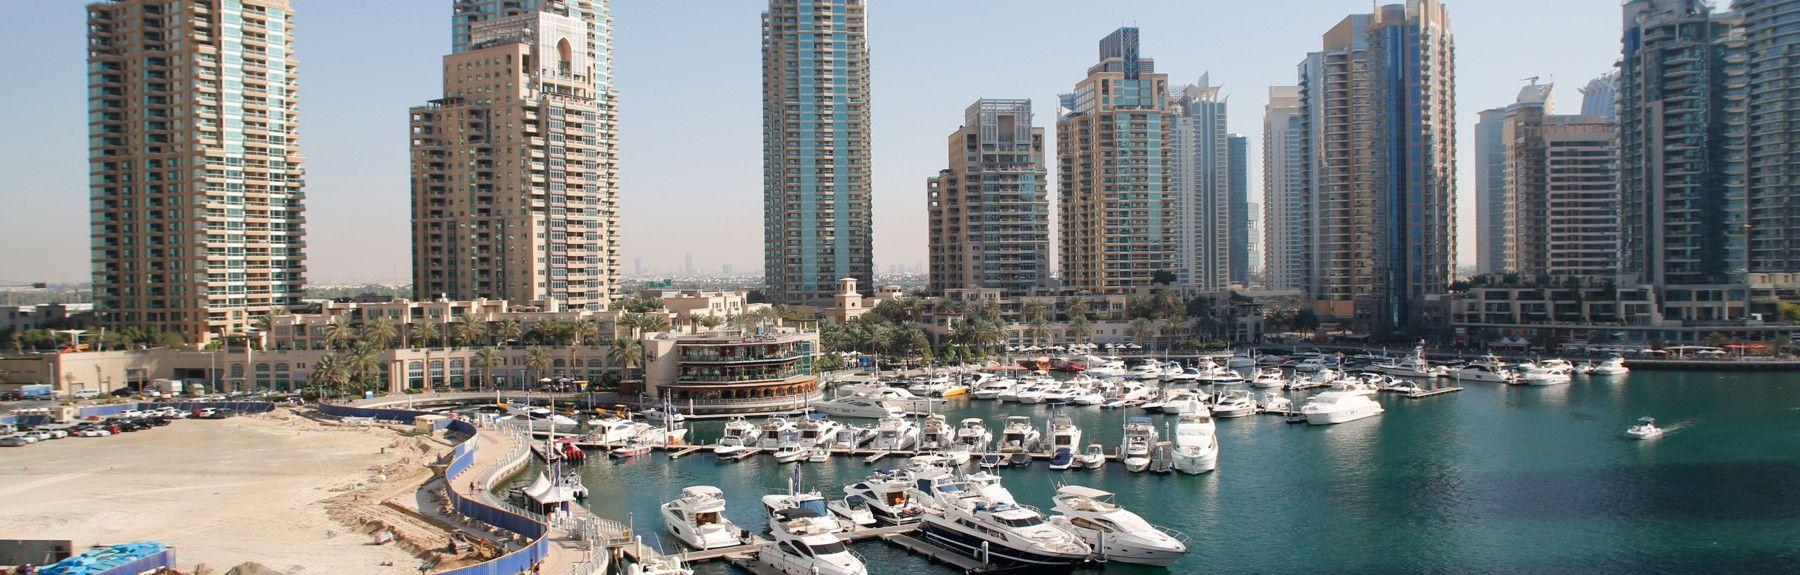 Al Sufouh 2 - Dubai - United Arab Emirates